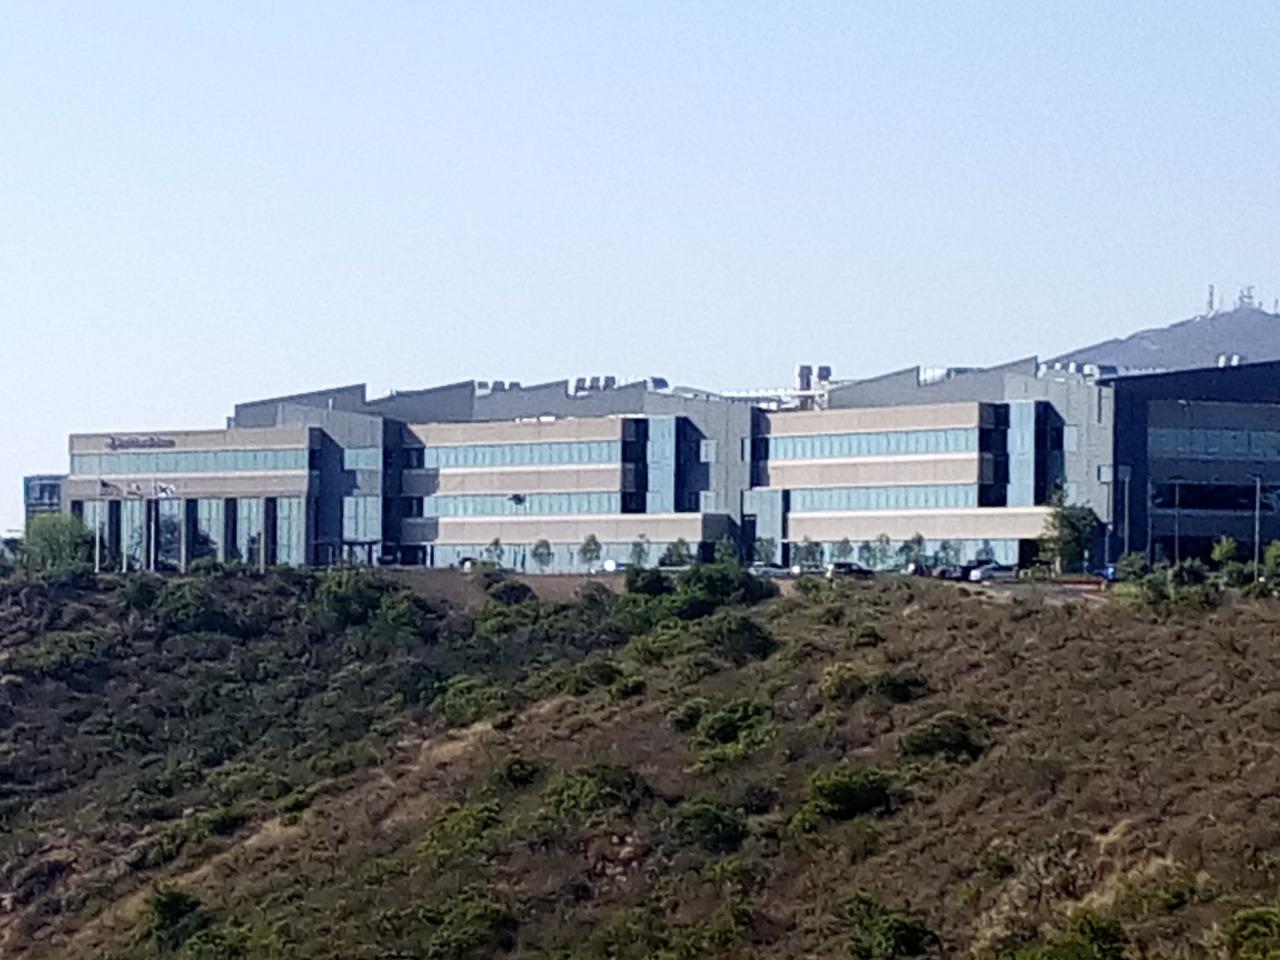 Schauplatz des Extreme Memory Tournament 2016: Dart Neuroscience Headquarter, San Diego, Californien.